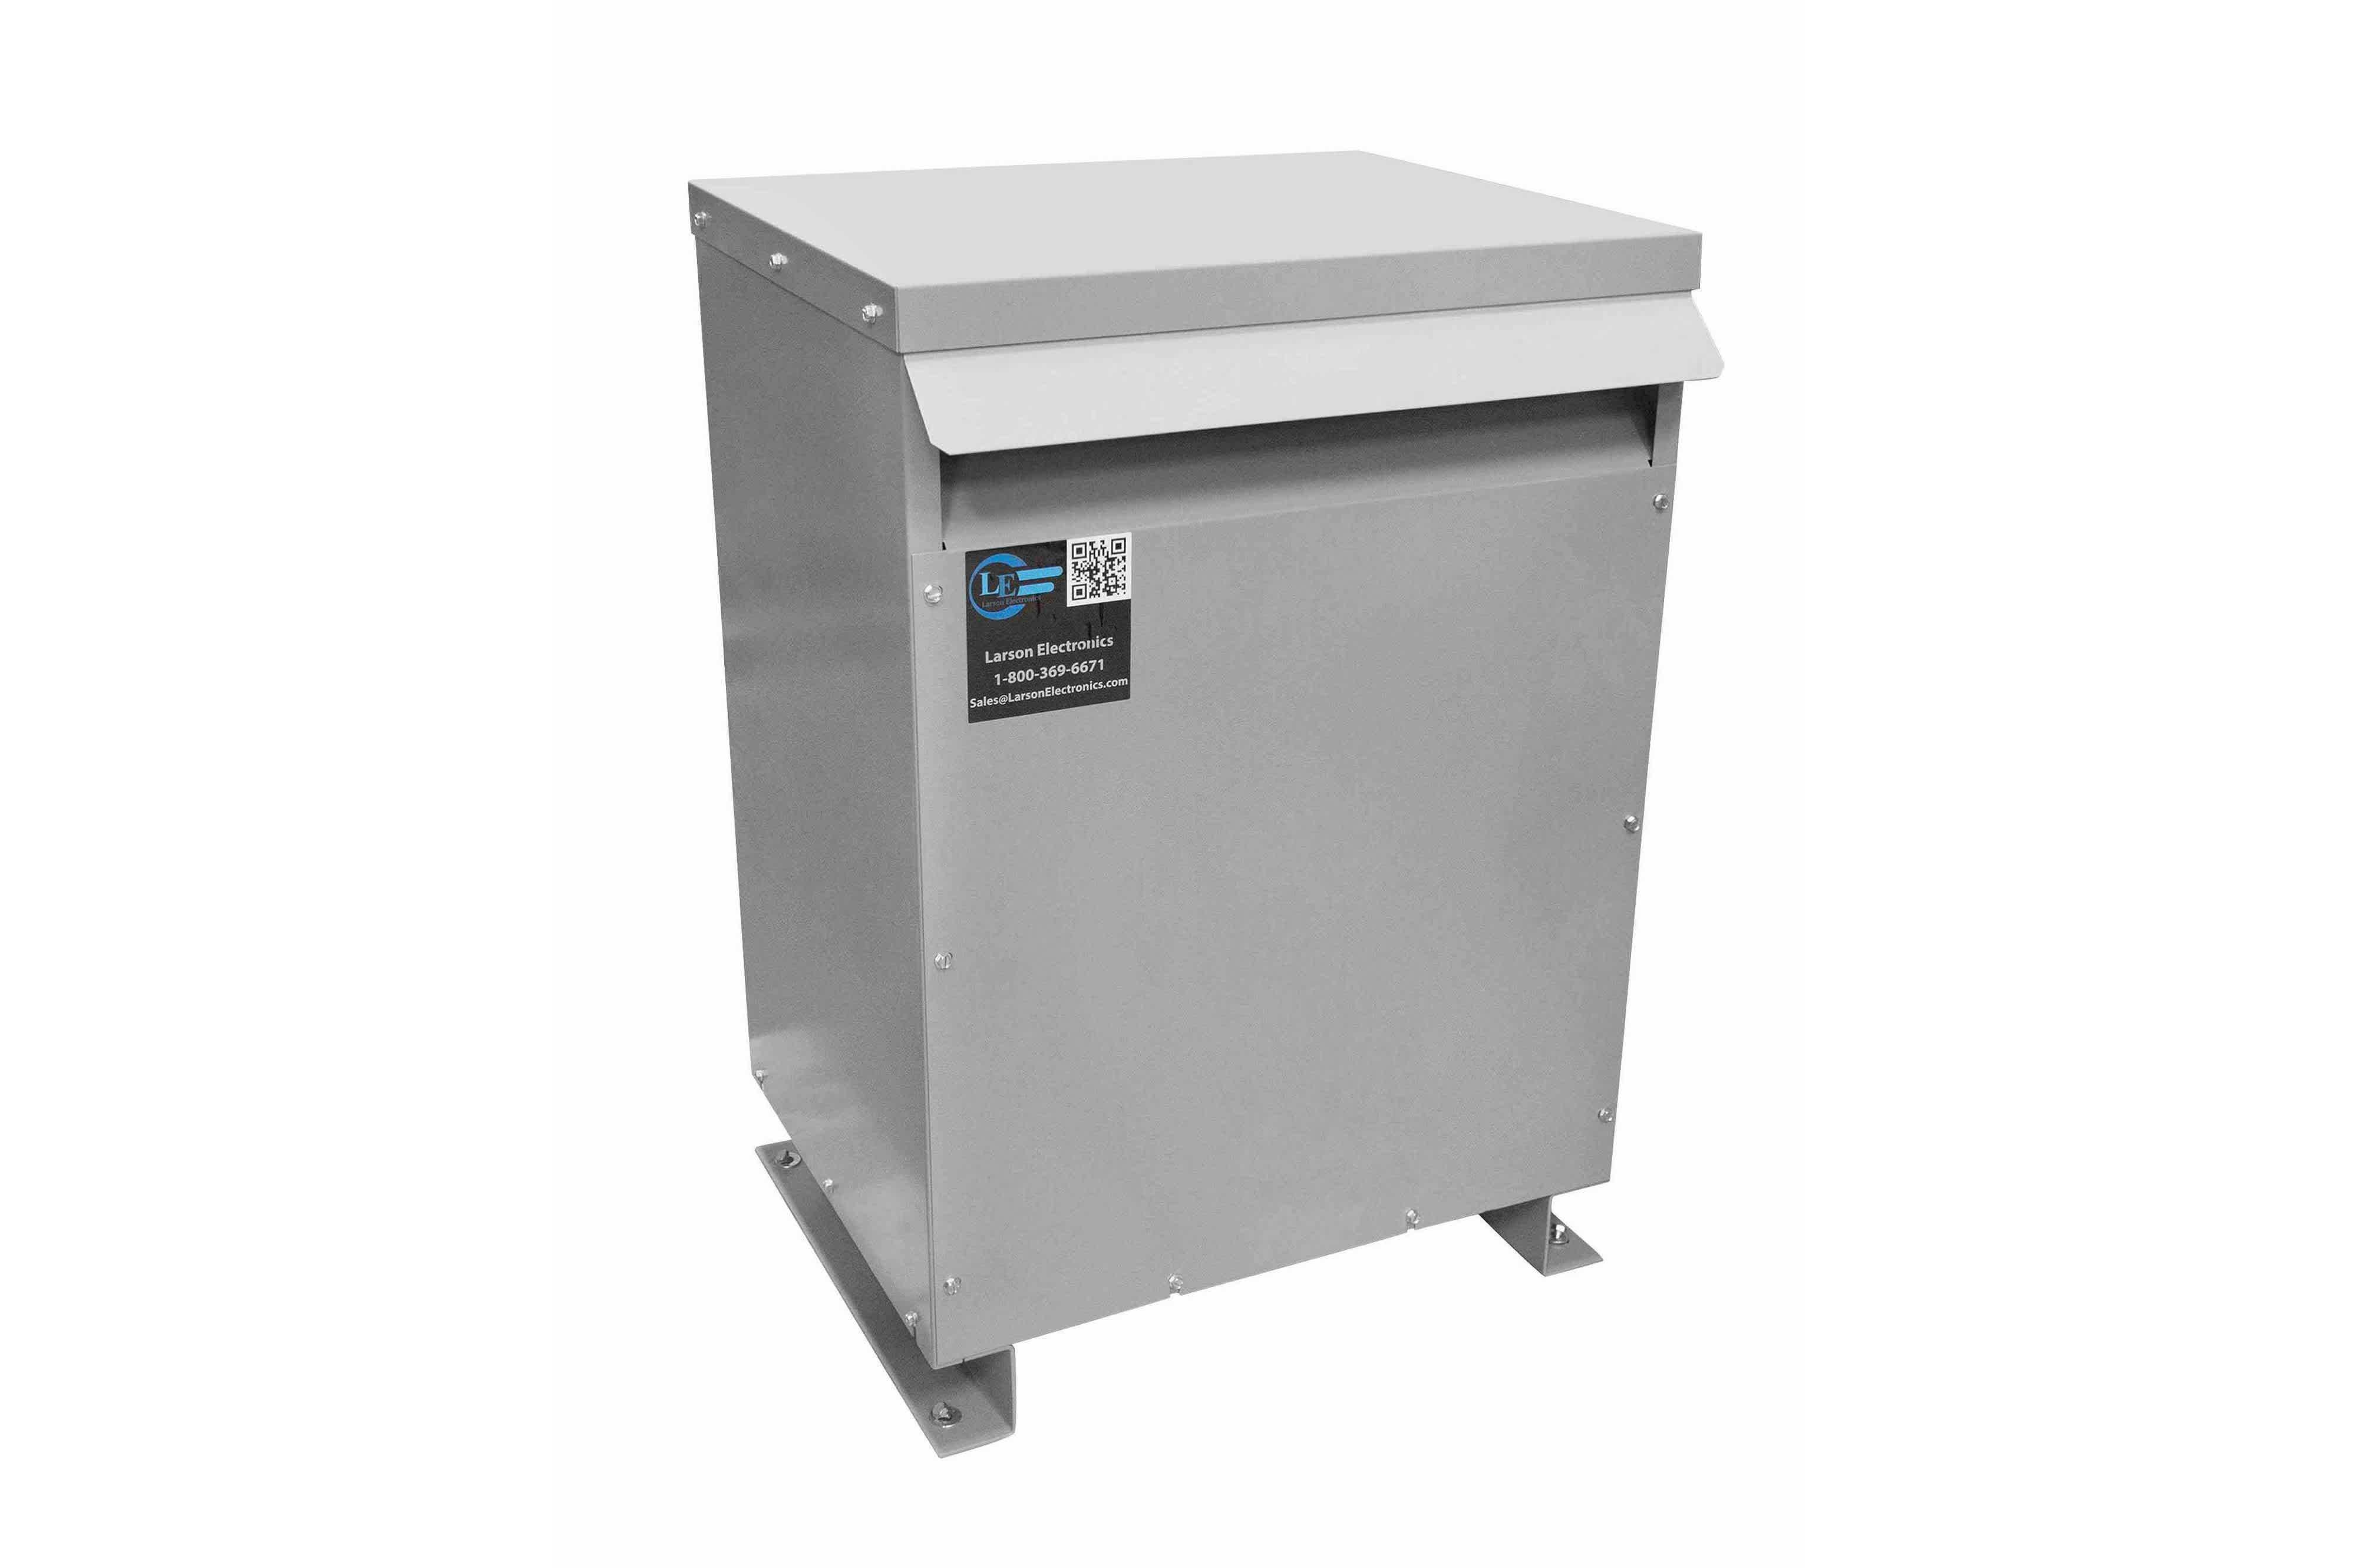 55 kVA 3PH Isolation Transformer, 600V Delta Primary, 240 Delta Secondary, N3R, Ventilated, 60 Hz